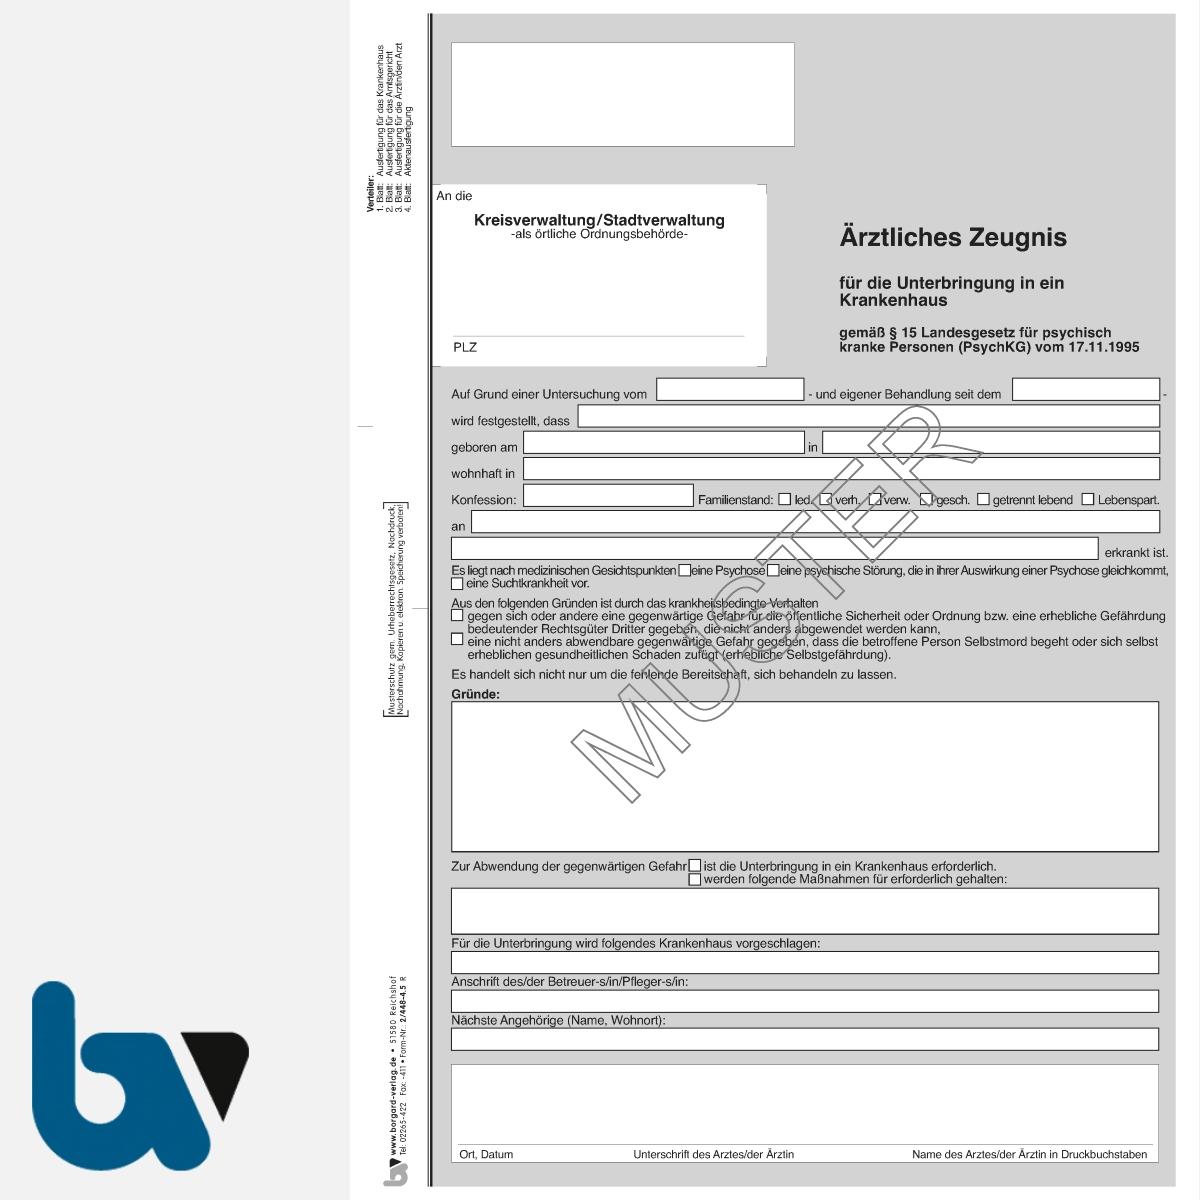 2/448-4.5 Ärztliches Zeugnis Unterbringung Krankenhaus Paragraph 15 PsychKG RLP 4-fach selbstdurchschreibend DIN A4 Vorderseite | Borgard Verlag GmbH